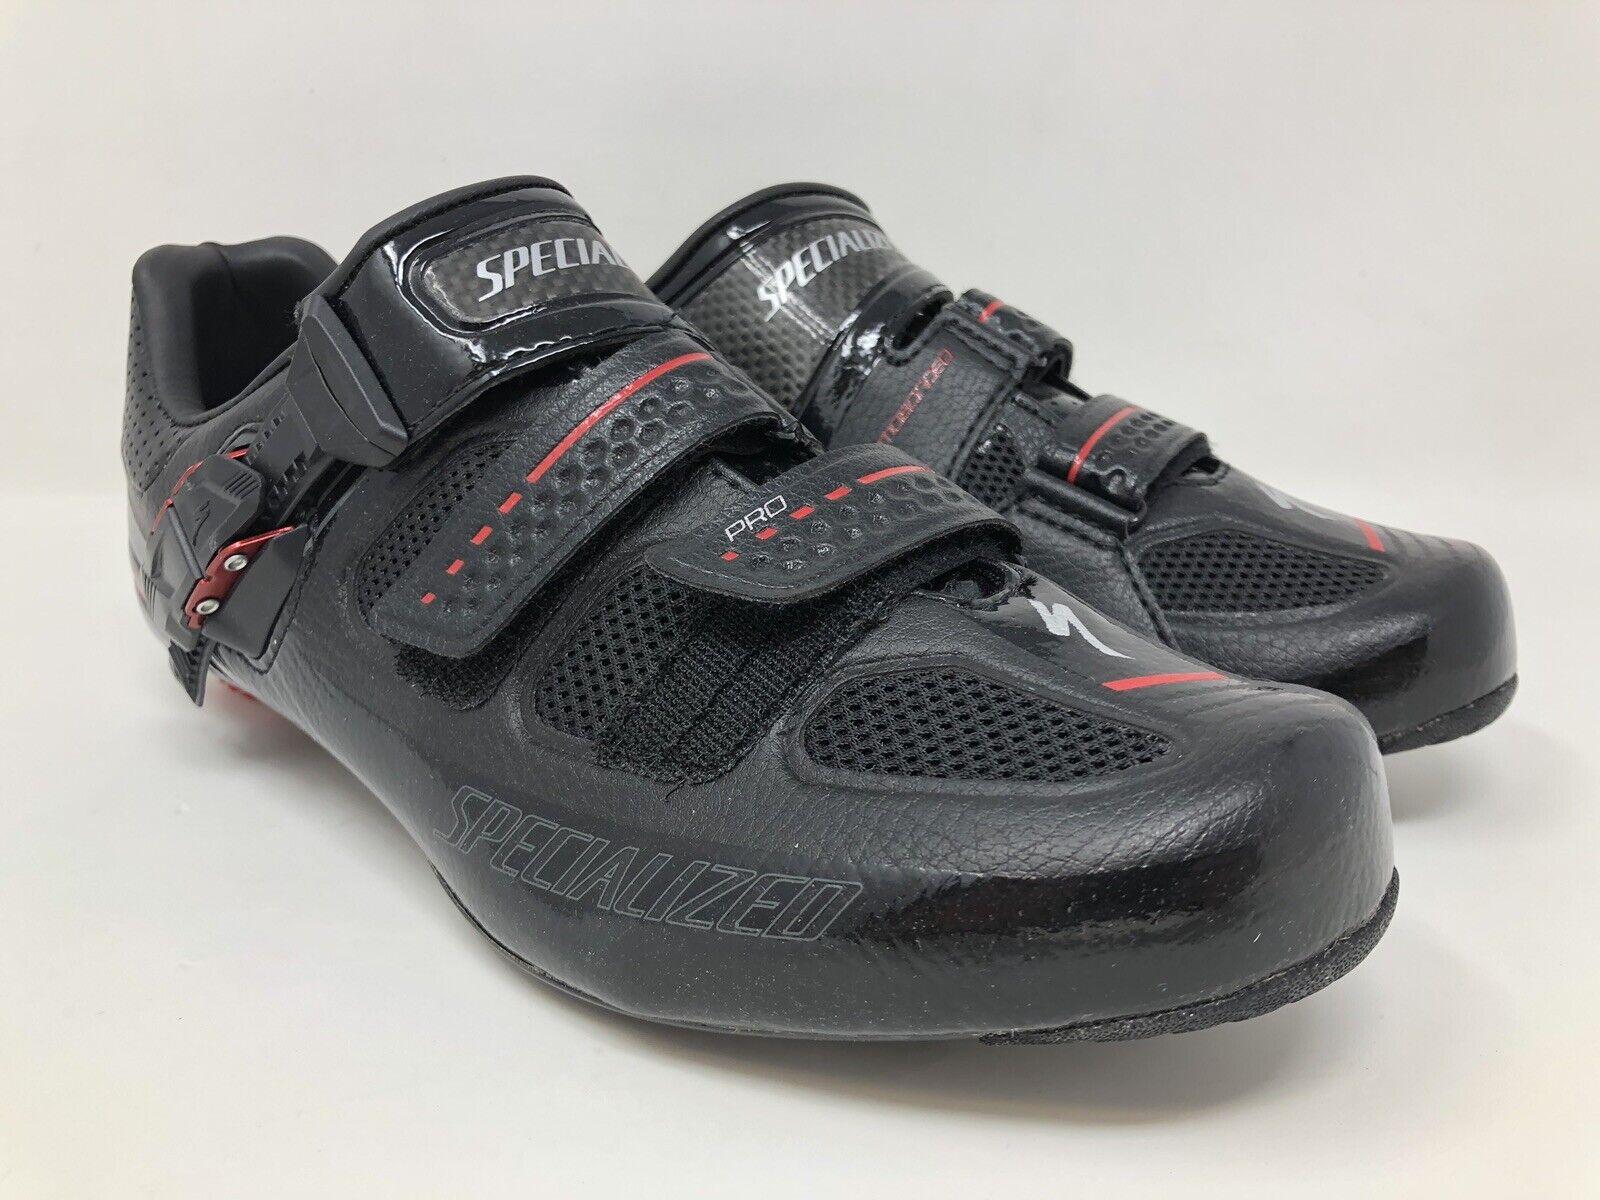 NIEUW SPECIALISEERD Pro Road FACT Autobon EU 39 US 6.5 UK 5.5 zwart schoenen MSRP  275